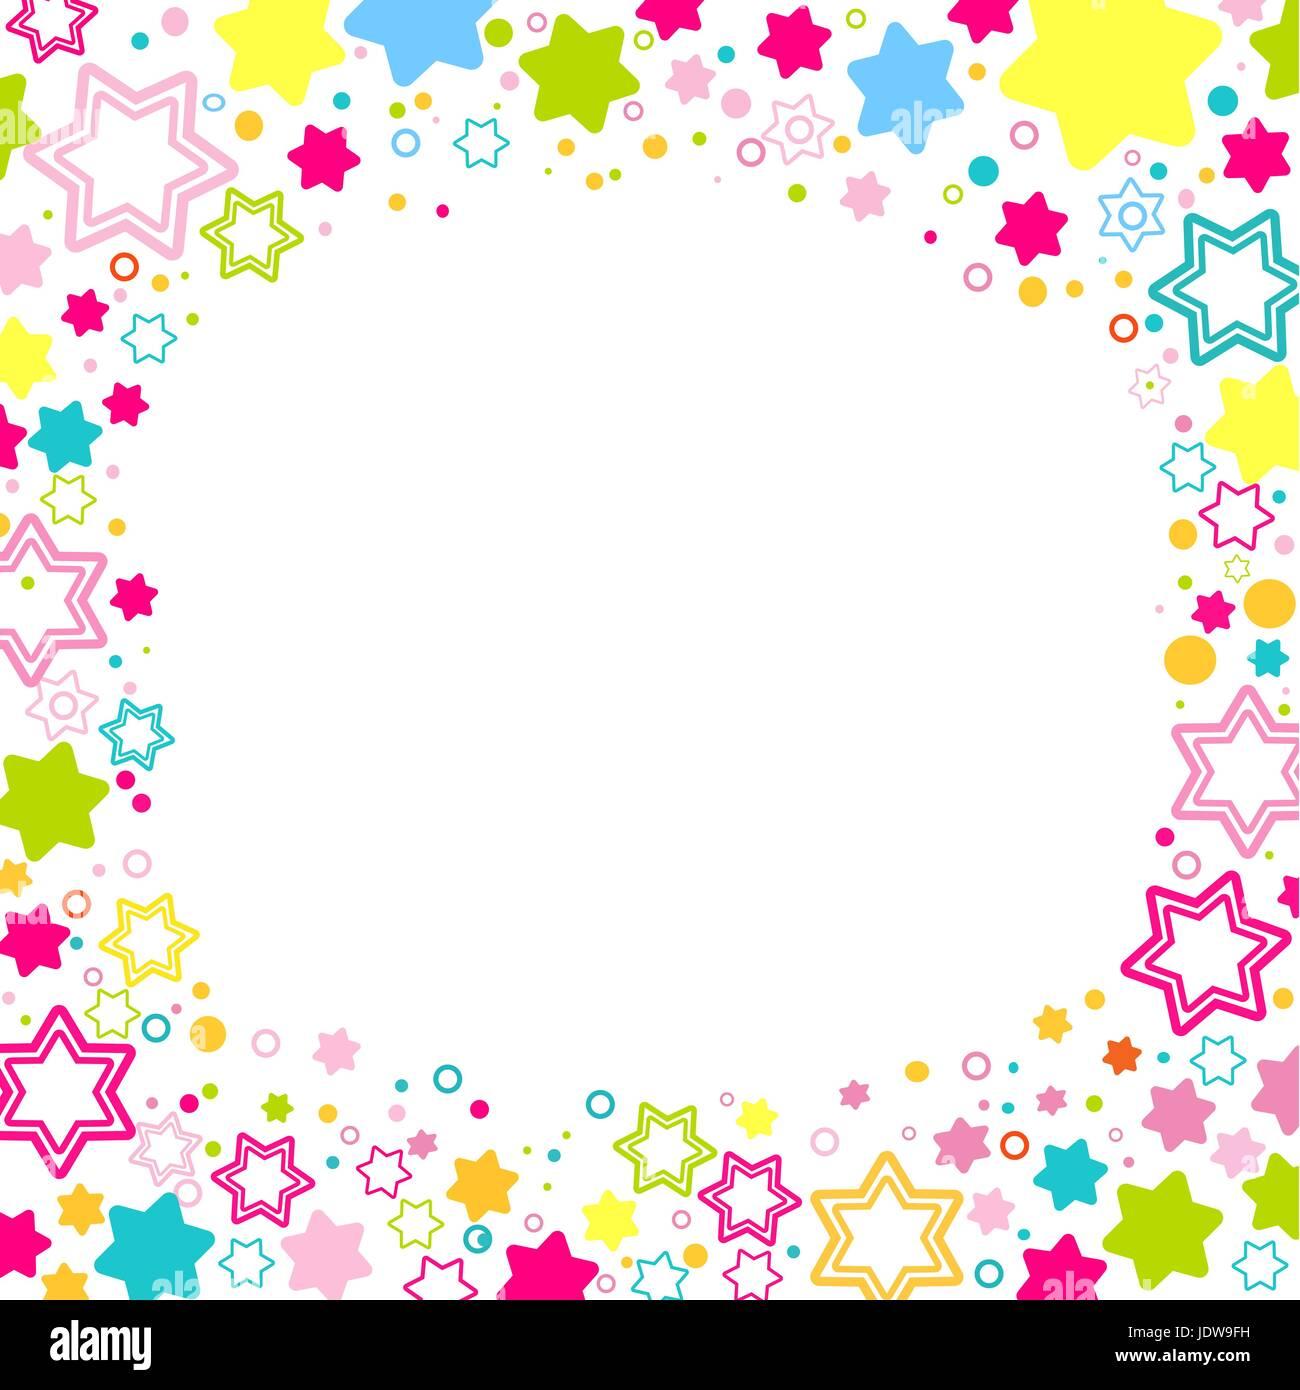 Vettore Telaio Quadrato Con Stelle Colorate Sullo Sfondo Bianco